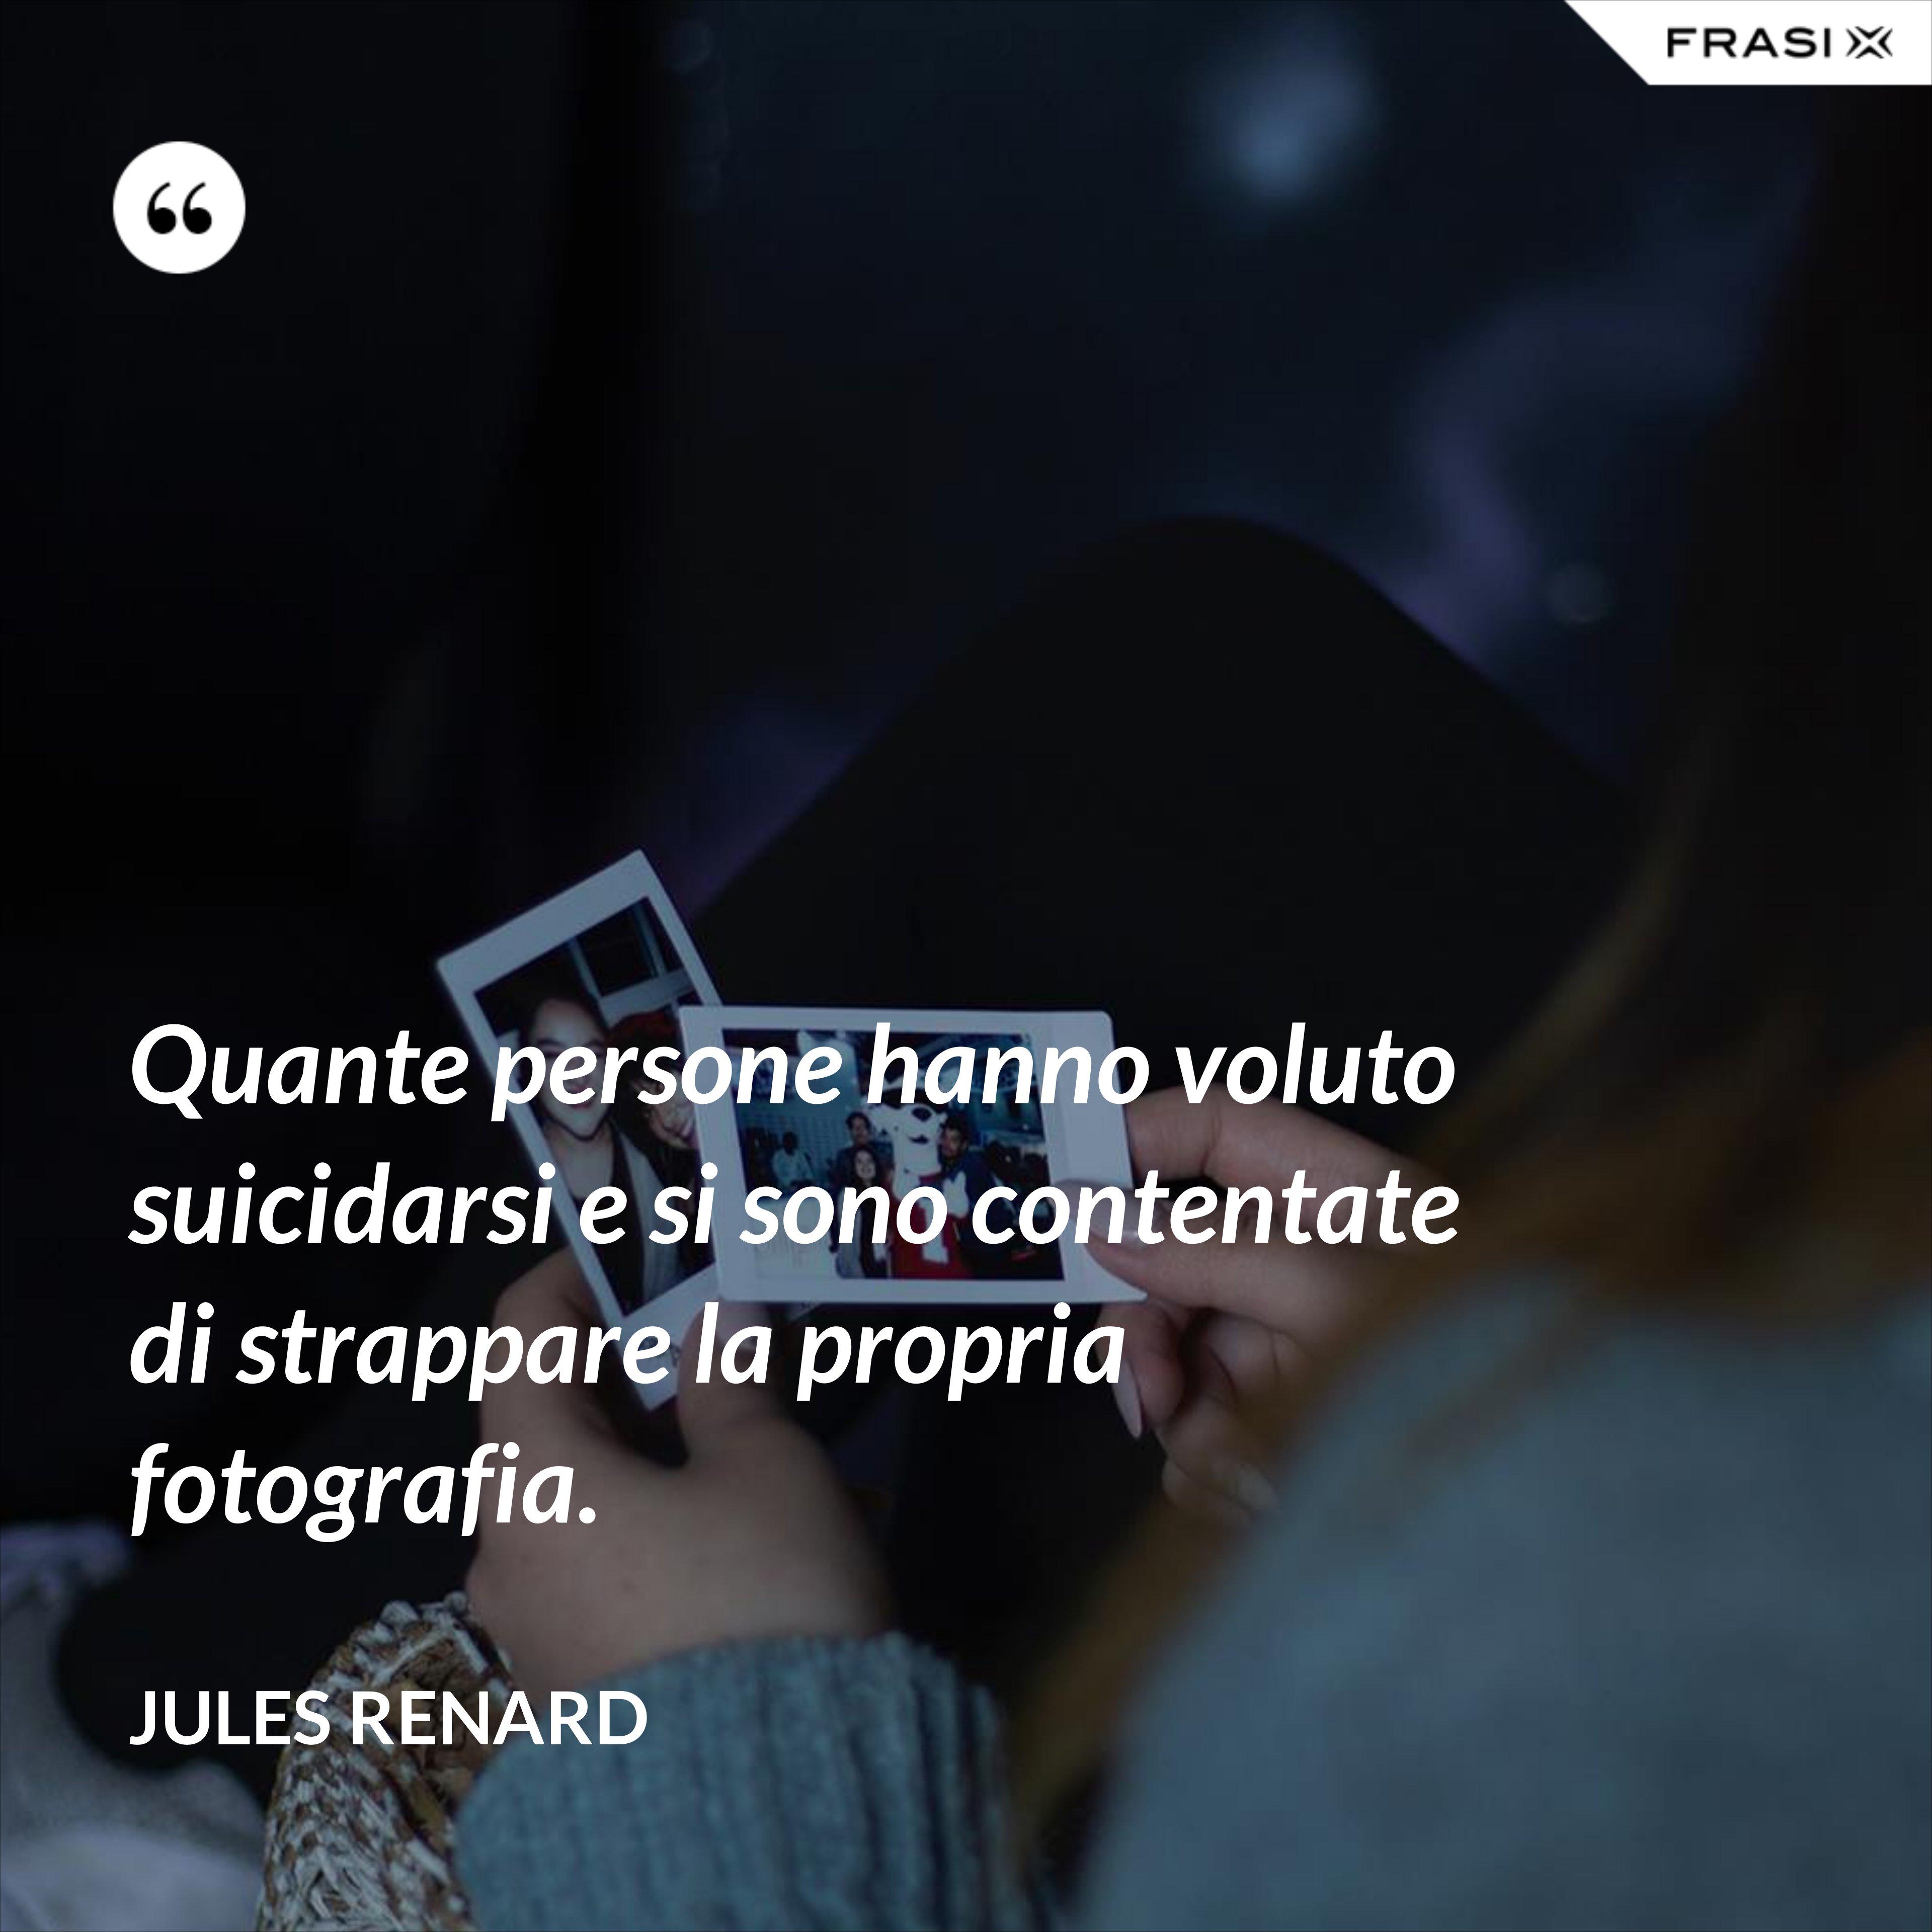 Quante persone hanno voluto suicidarsi e si sono contentate di strappare la propria fotografia. - Jules Renard